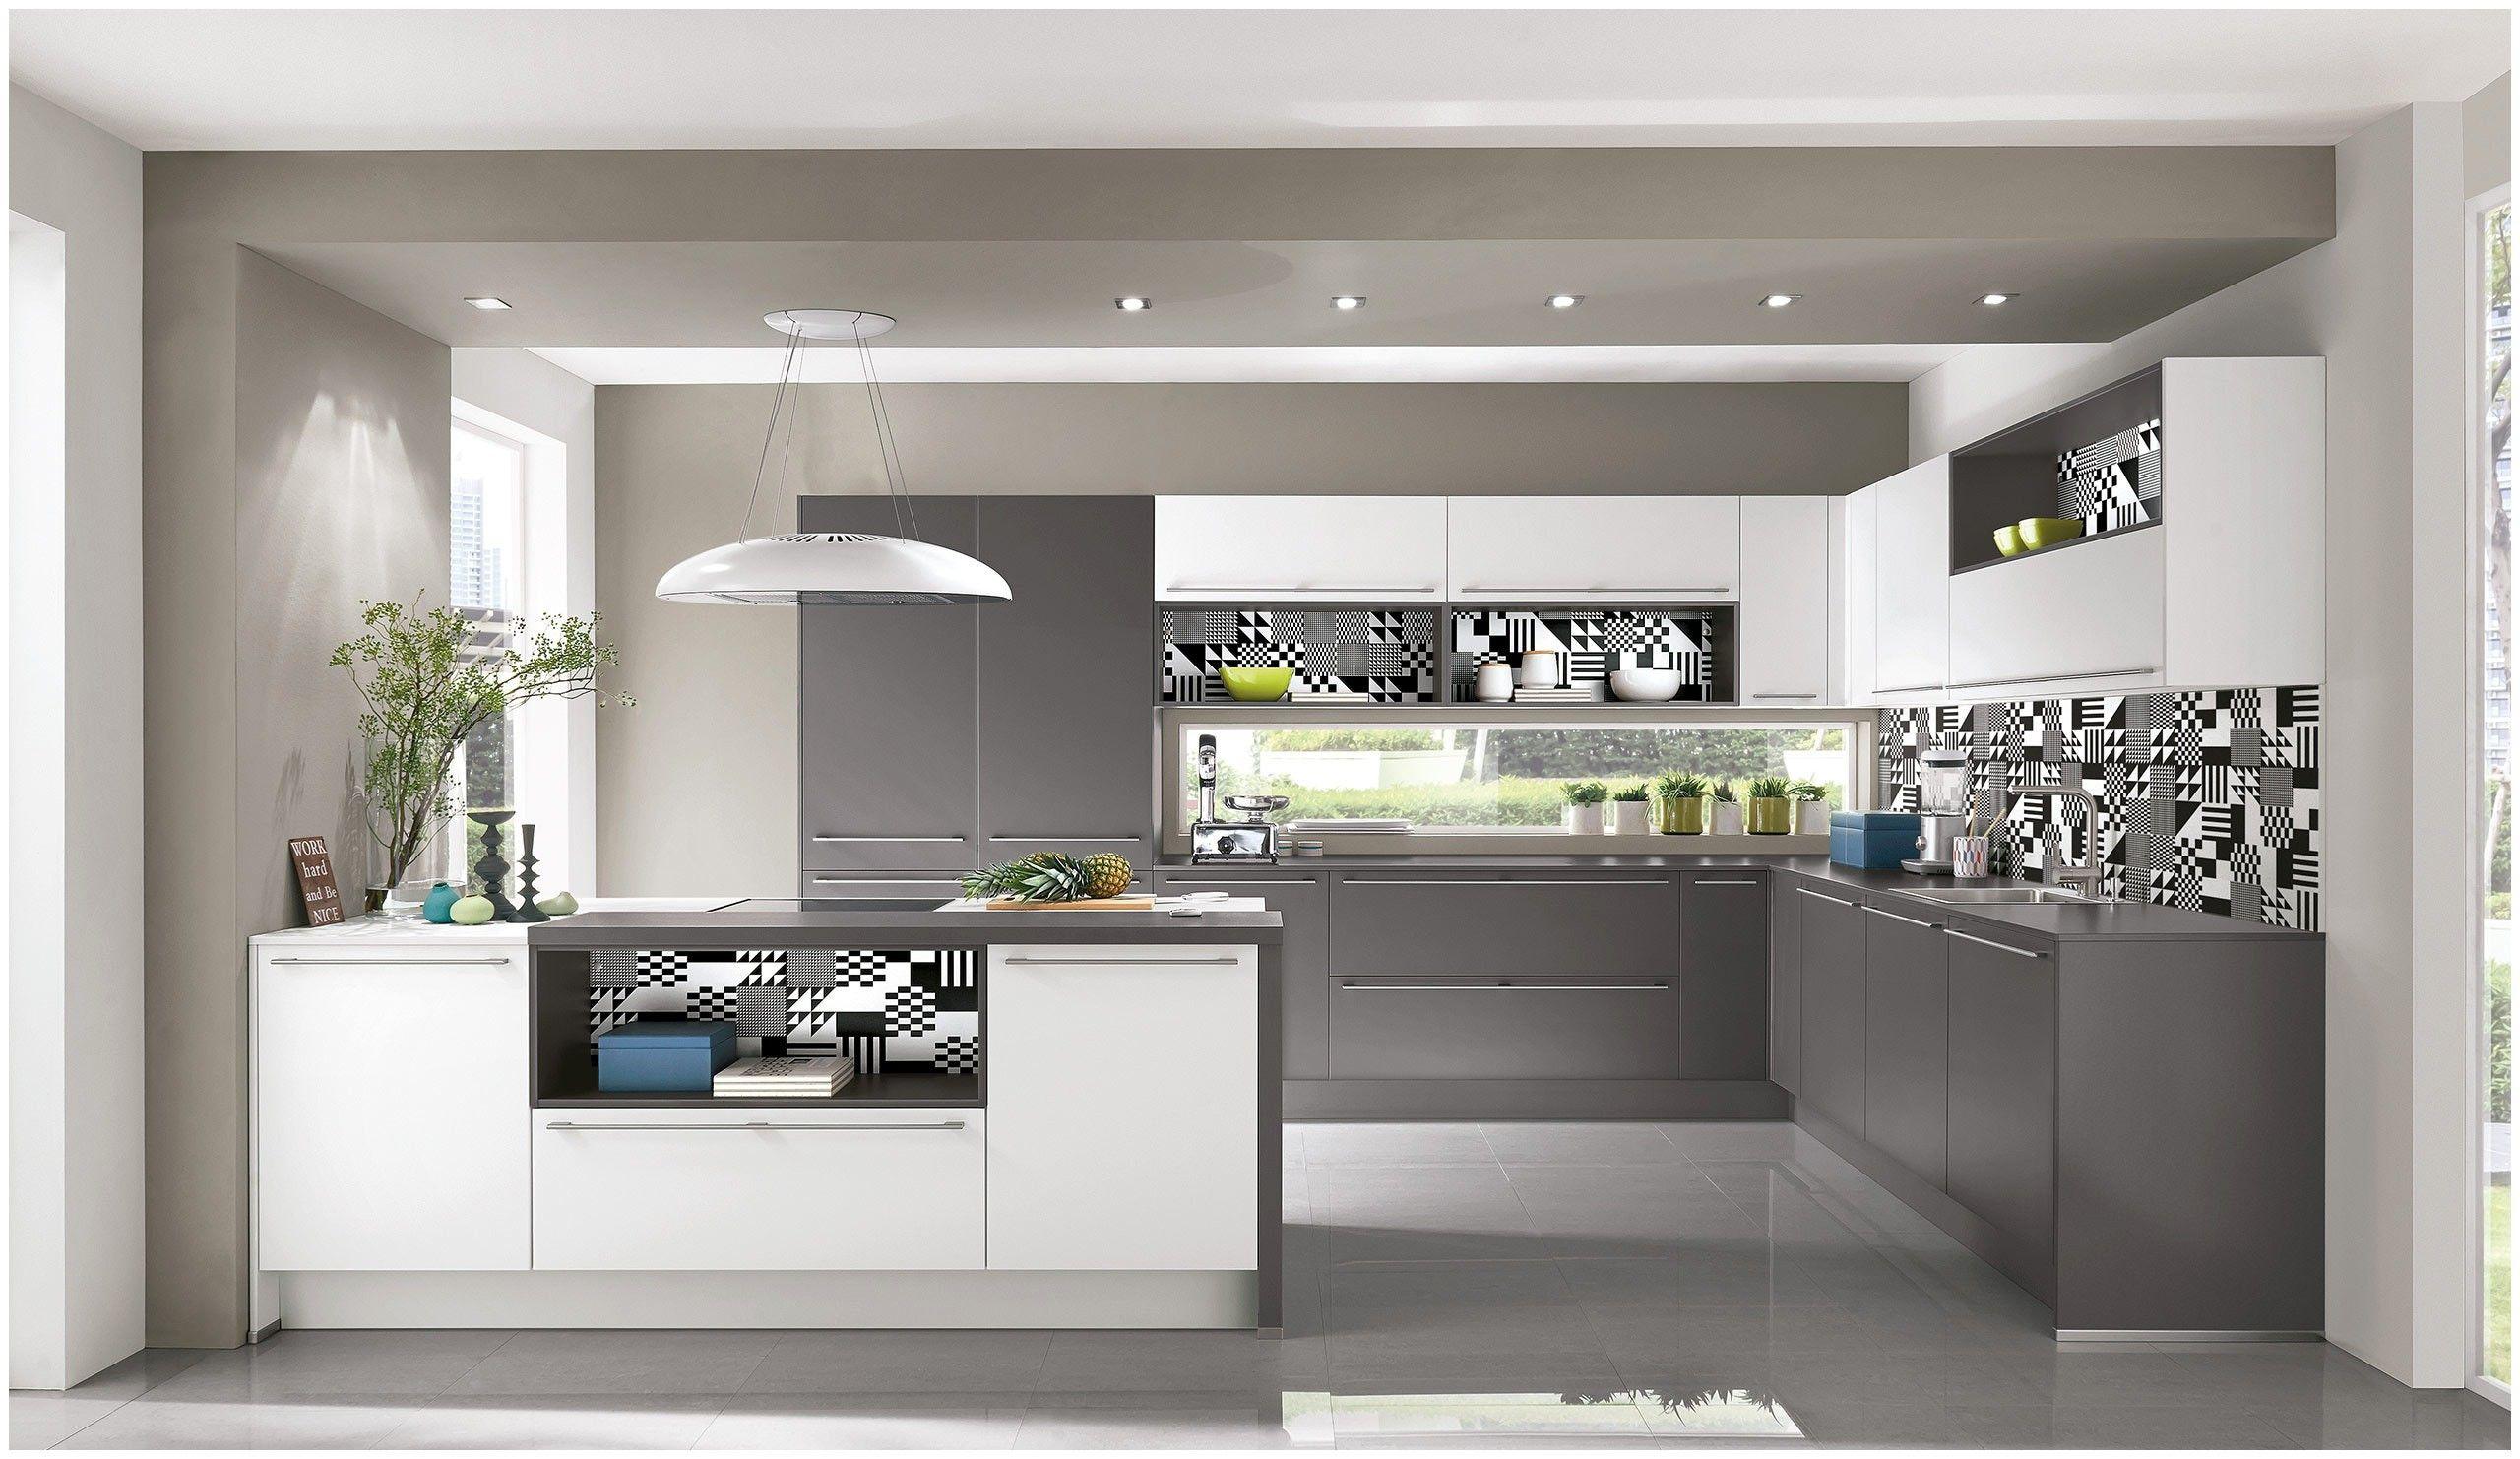 Fantastisch Segmuller Sofa Angebot Interior Design Kitchen Kitchen Fittings Kitchen Style